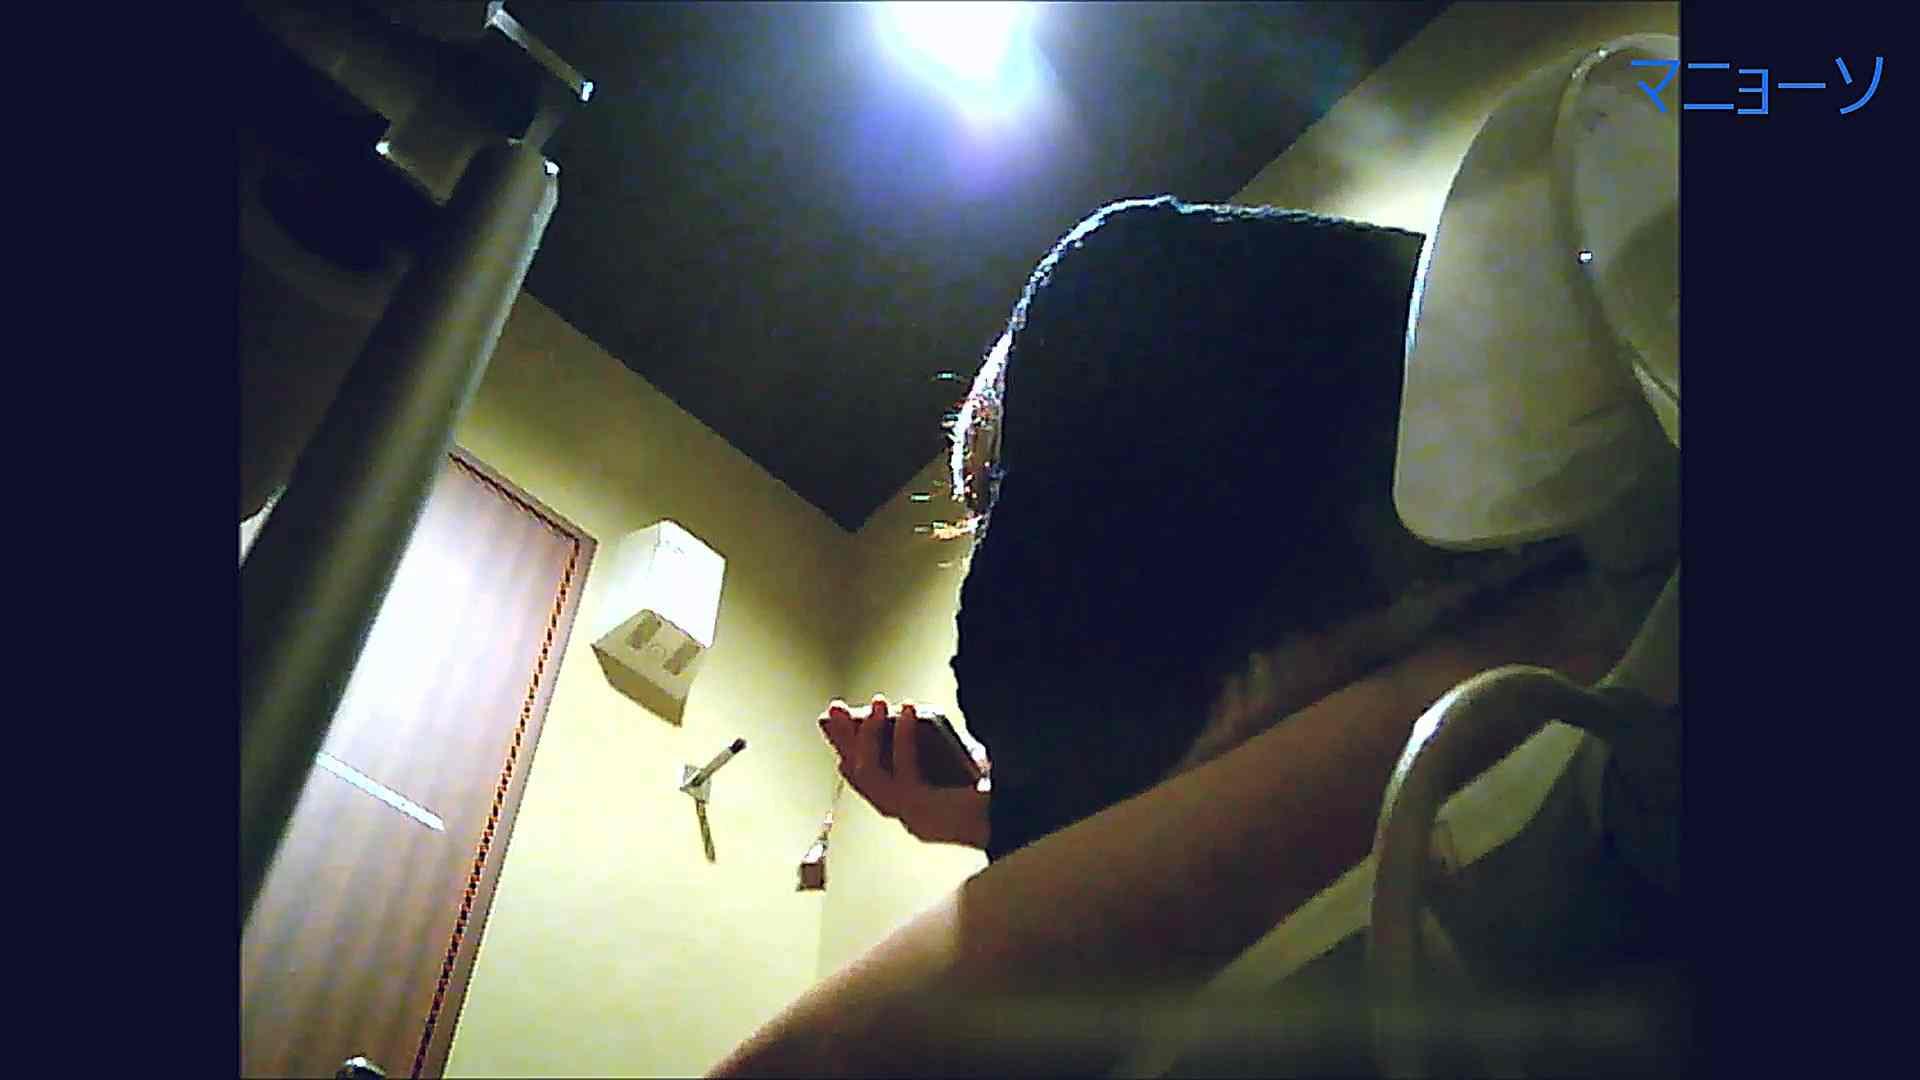 トイレでひと肌脱いでもらいました (JD編)Vol.05 トイレ | OLの実態  72pic 31